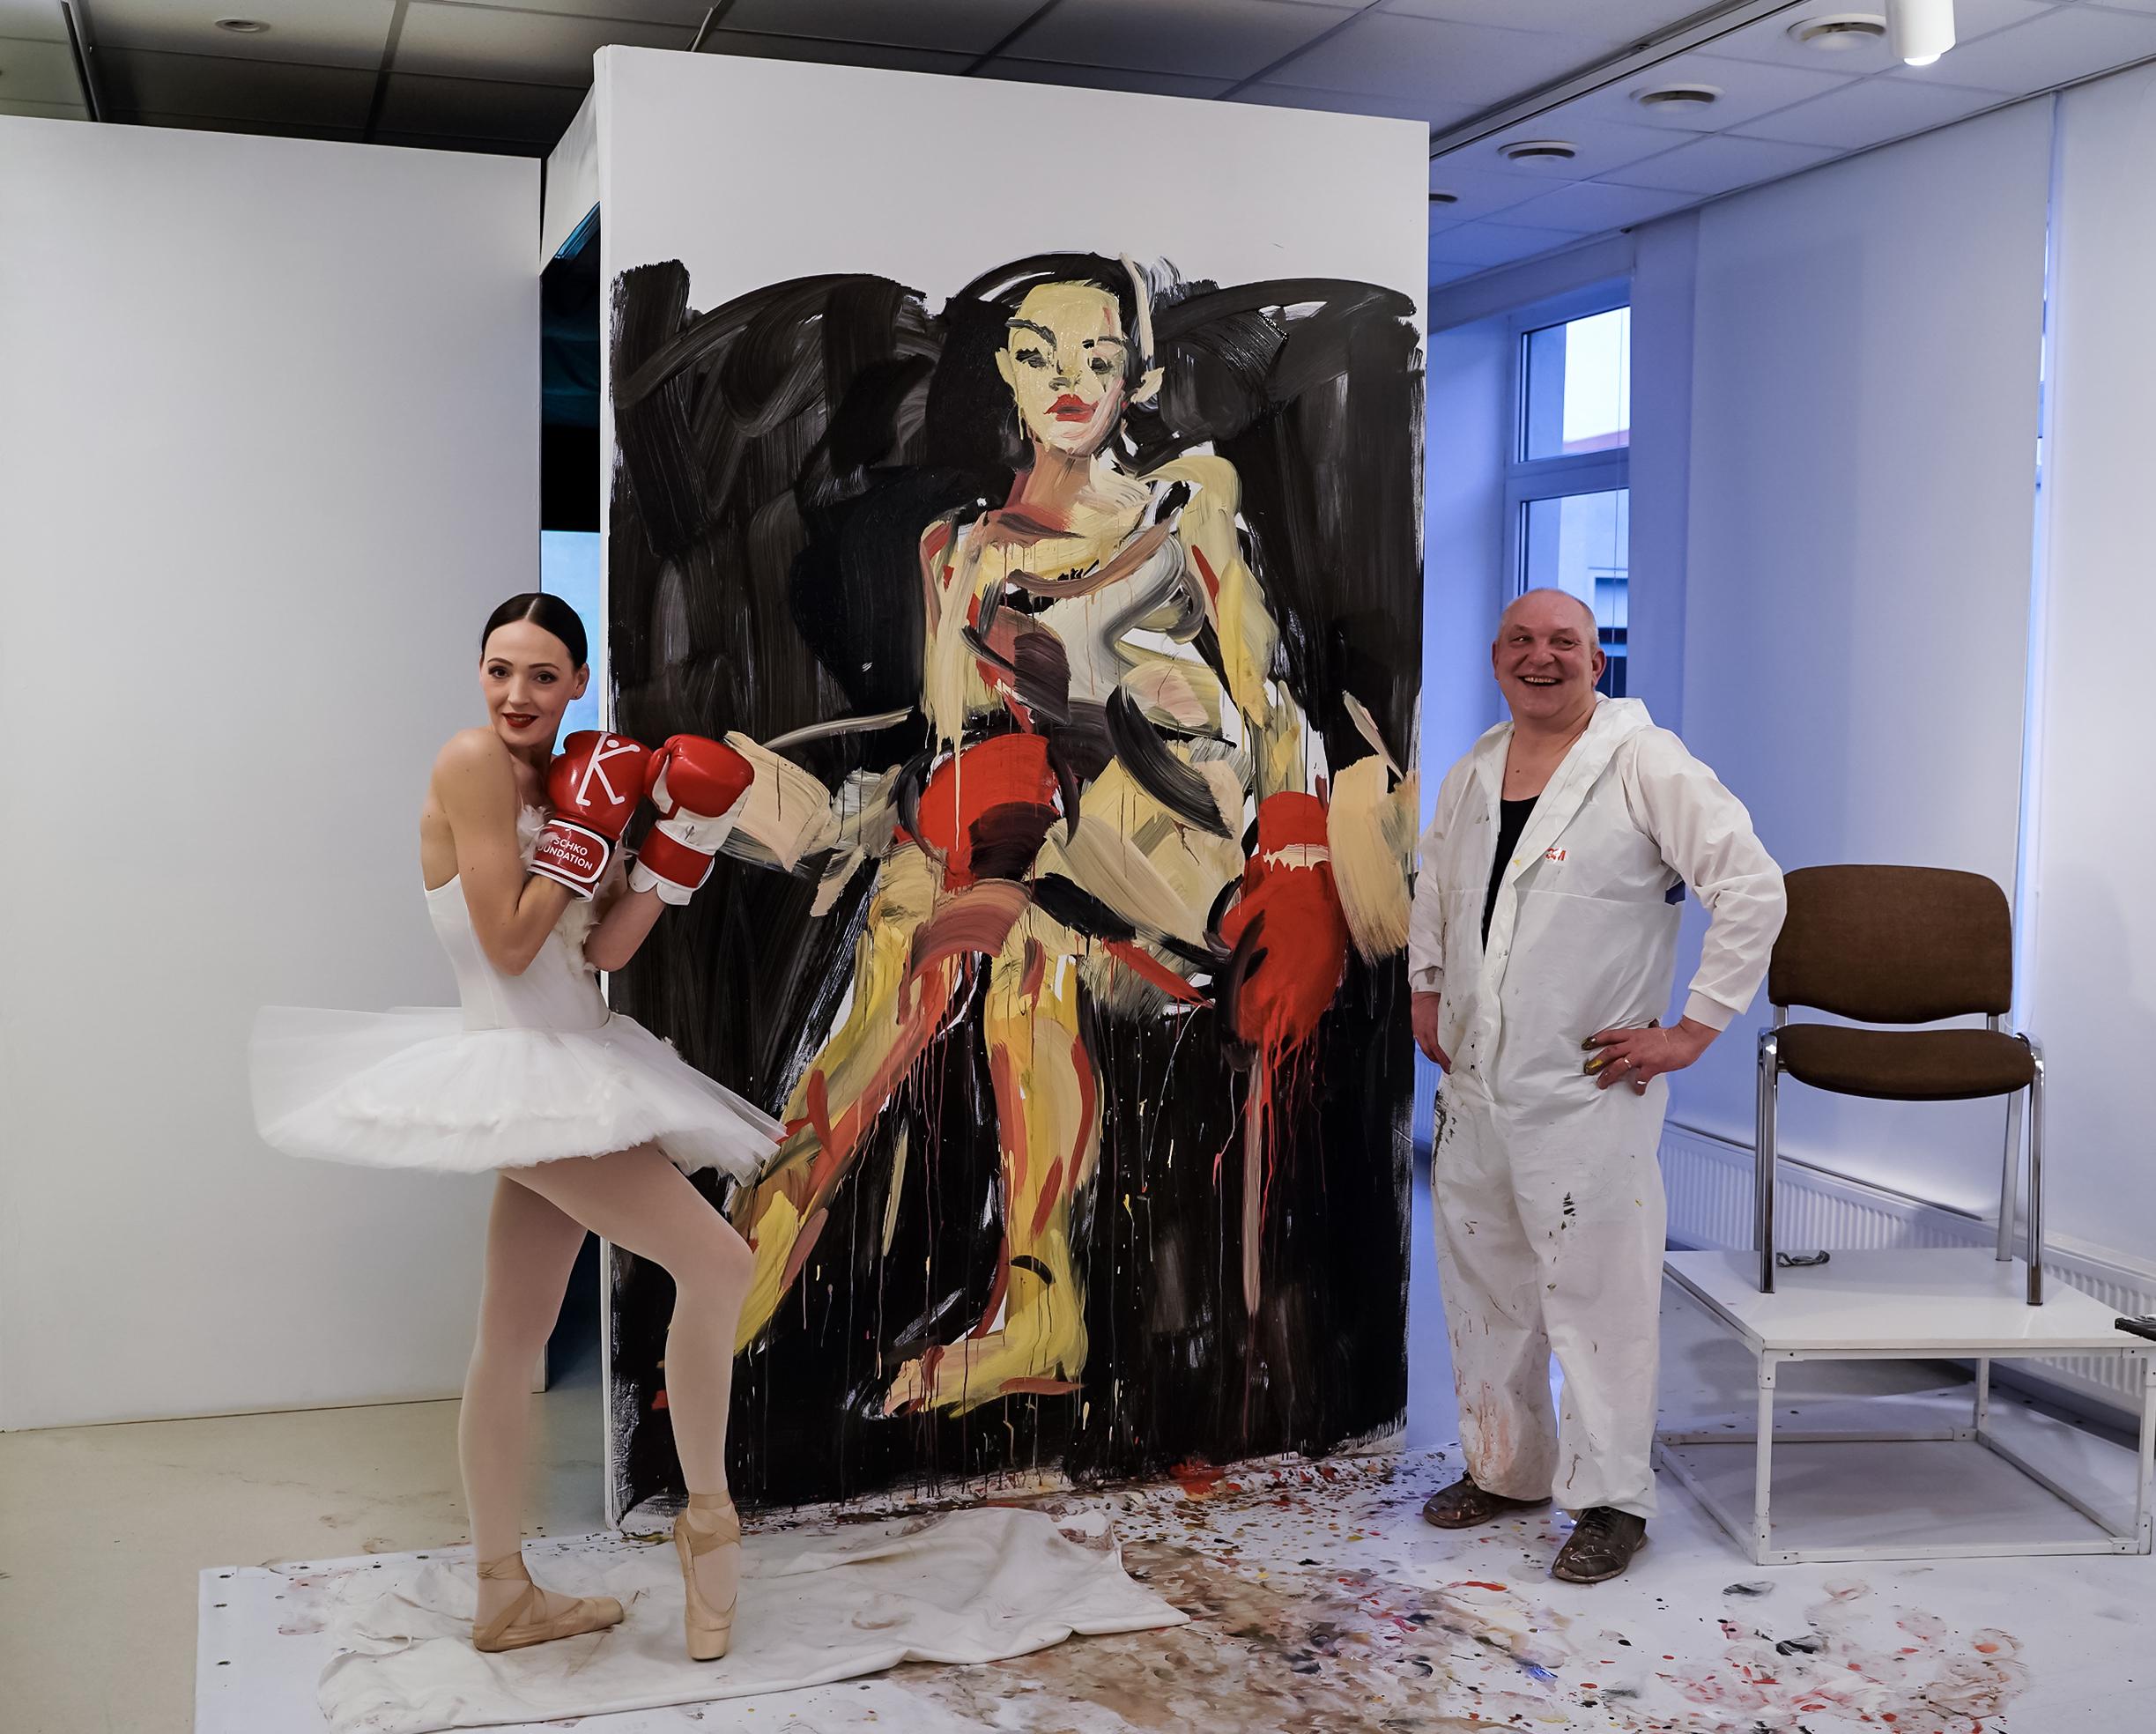 Balerina ir dailininkas prie nutapyto darbo.